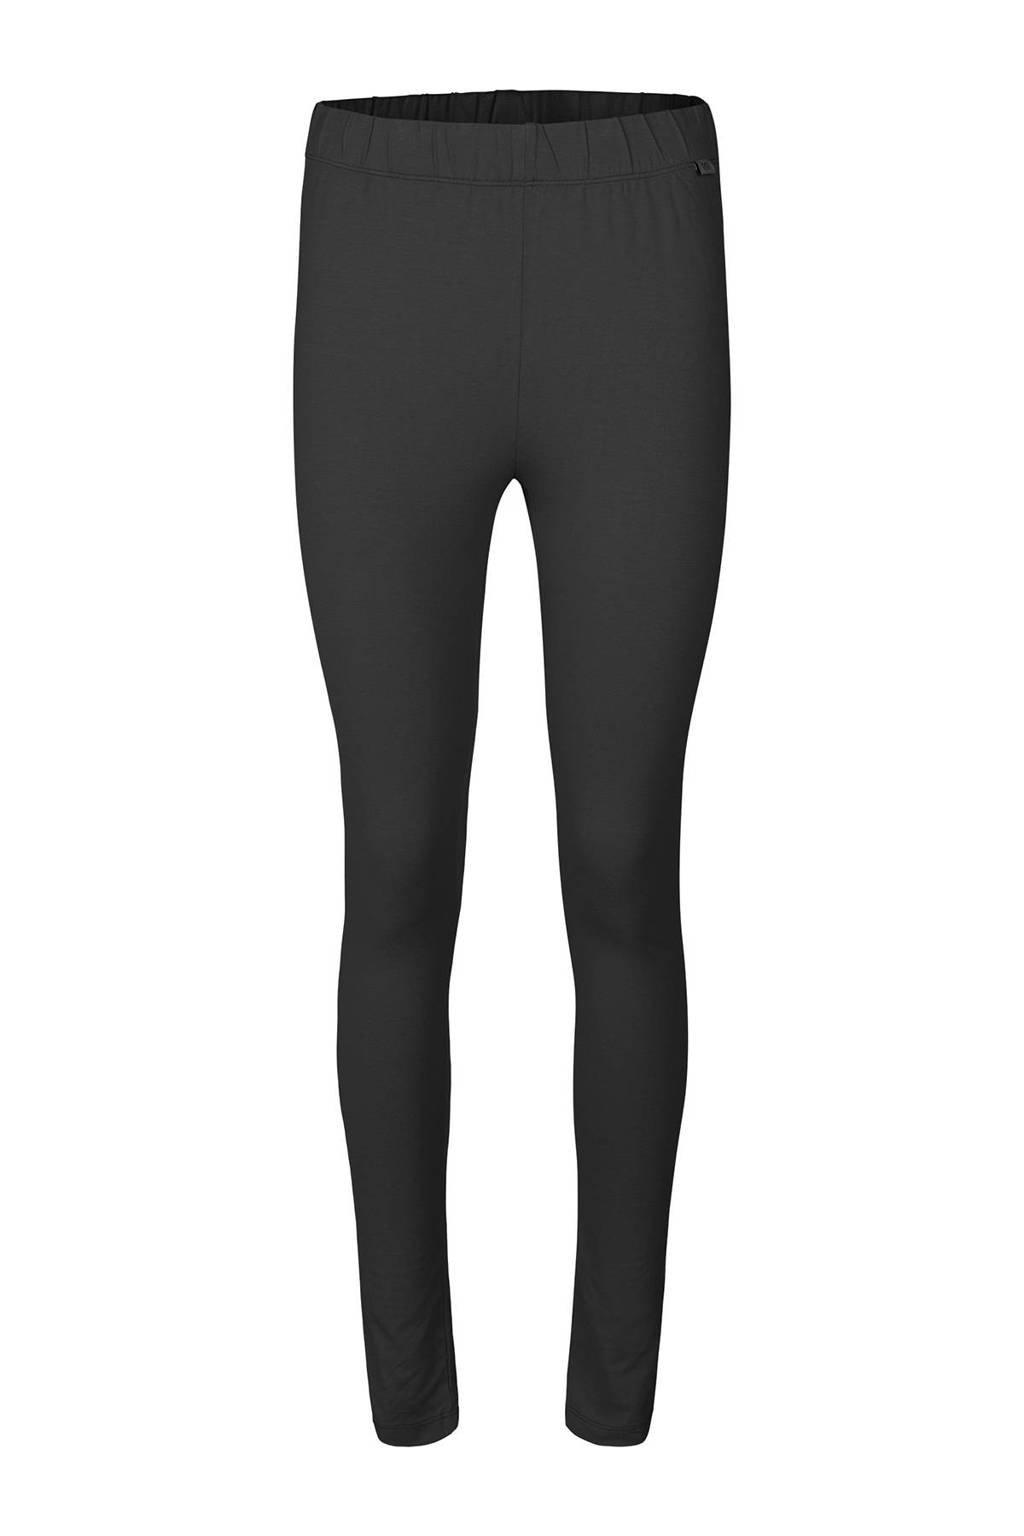 Didi basis legging zwart, Zwart